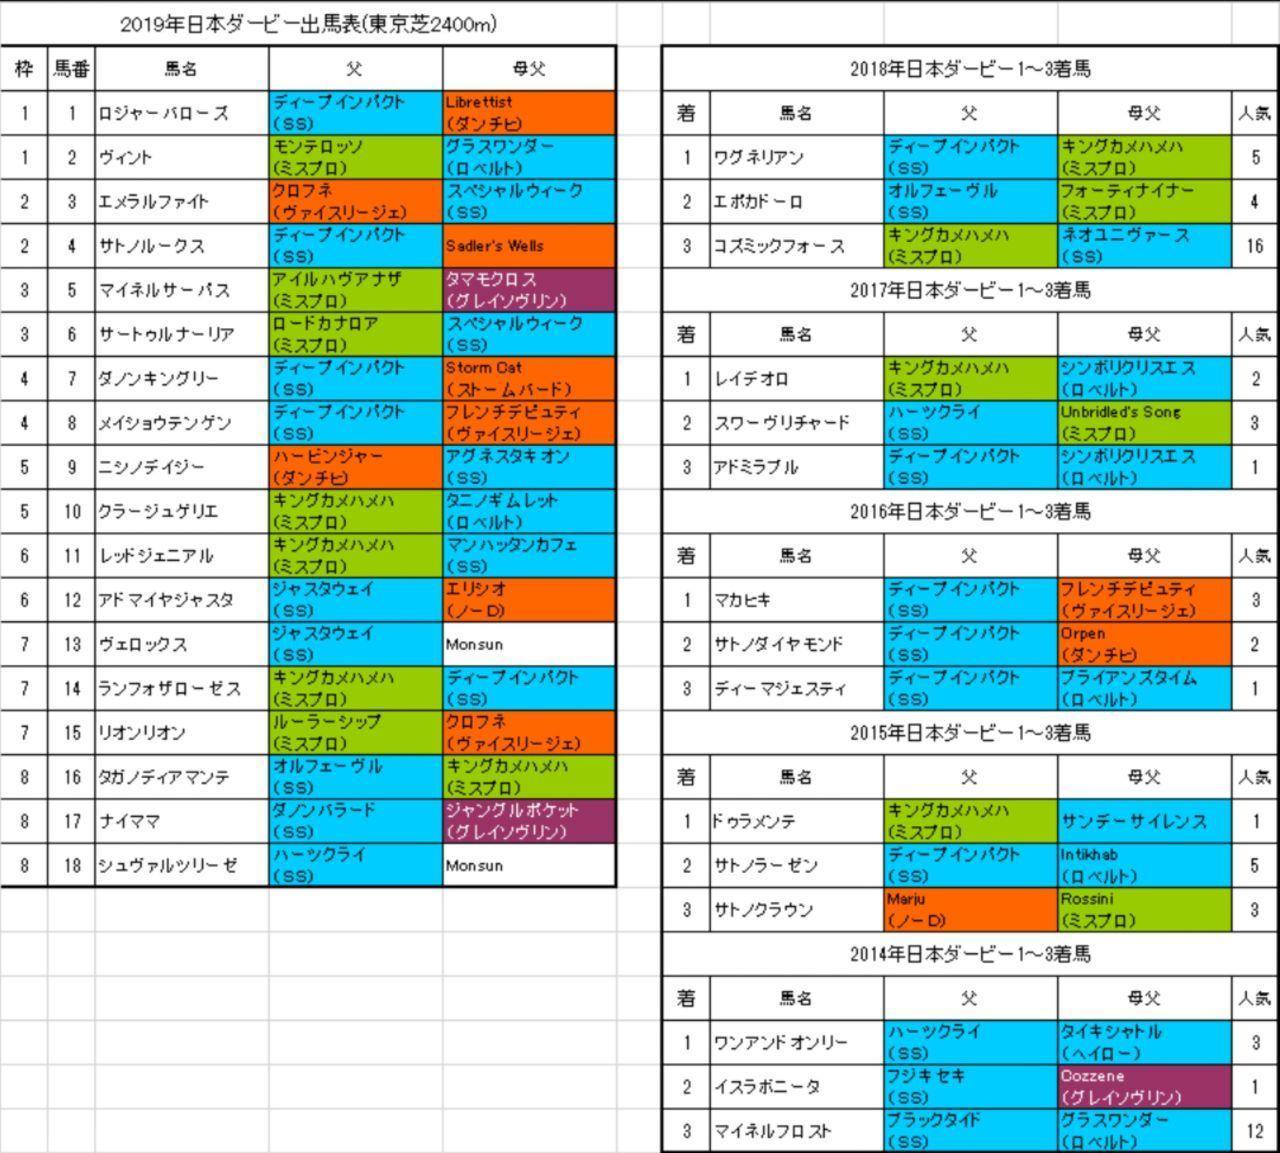 WYIG - JMグローバル・ホールディング 令和の第一章 日本ダービー サートゥルナーリア強そうだな  穴も狙いにくいなー 見てるだけか買うか悩